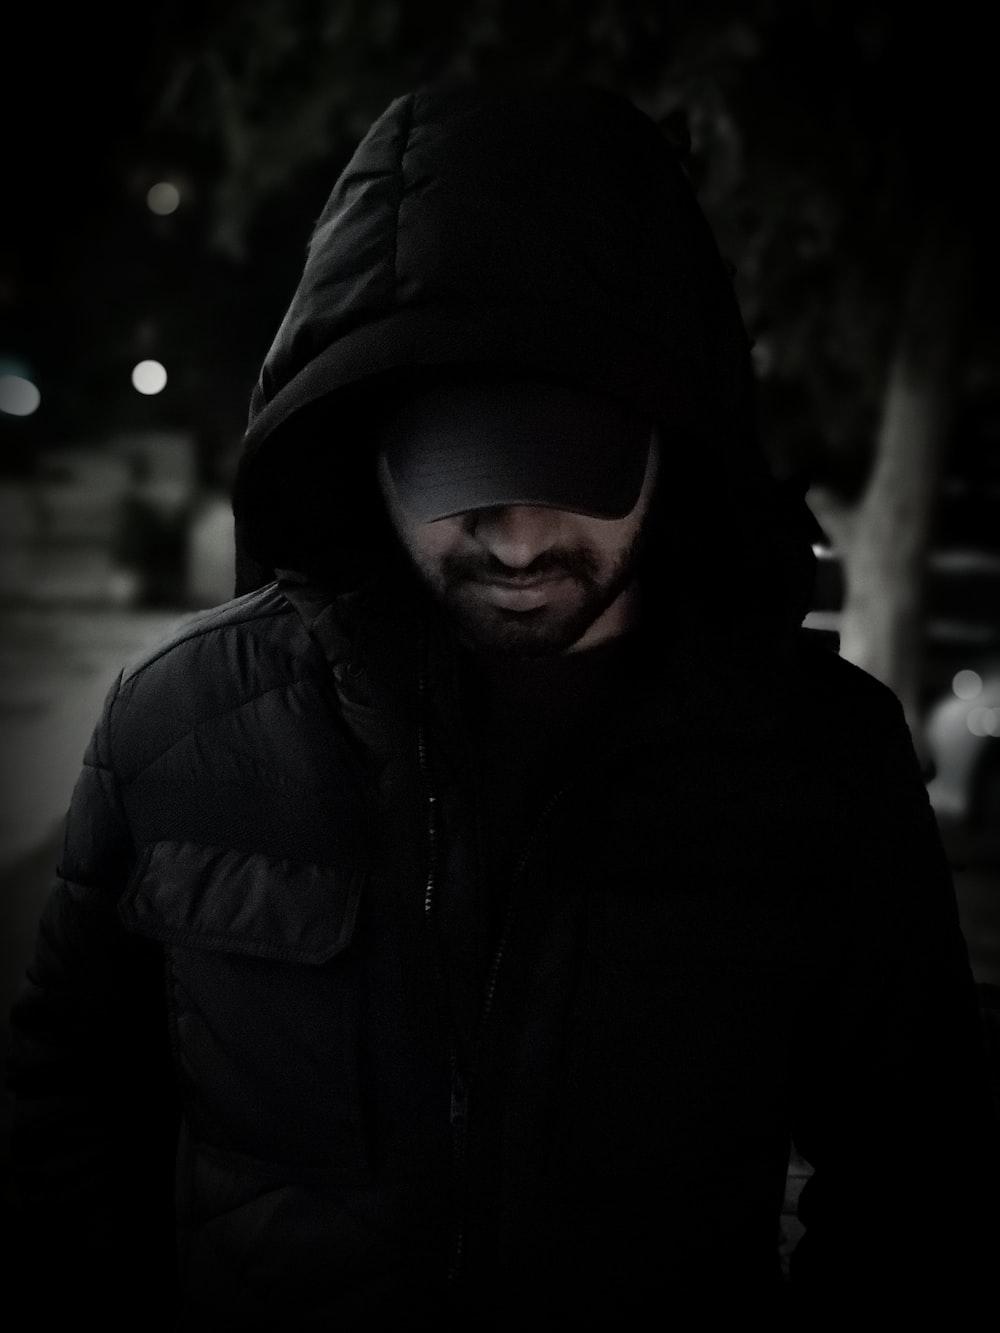 man wearing black hoodie